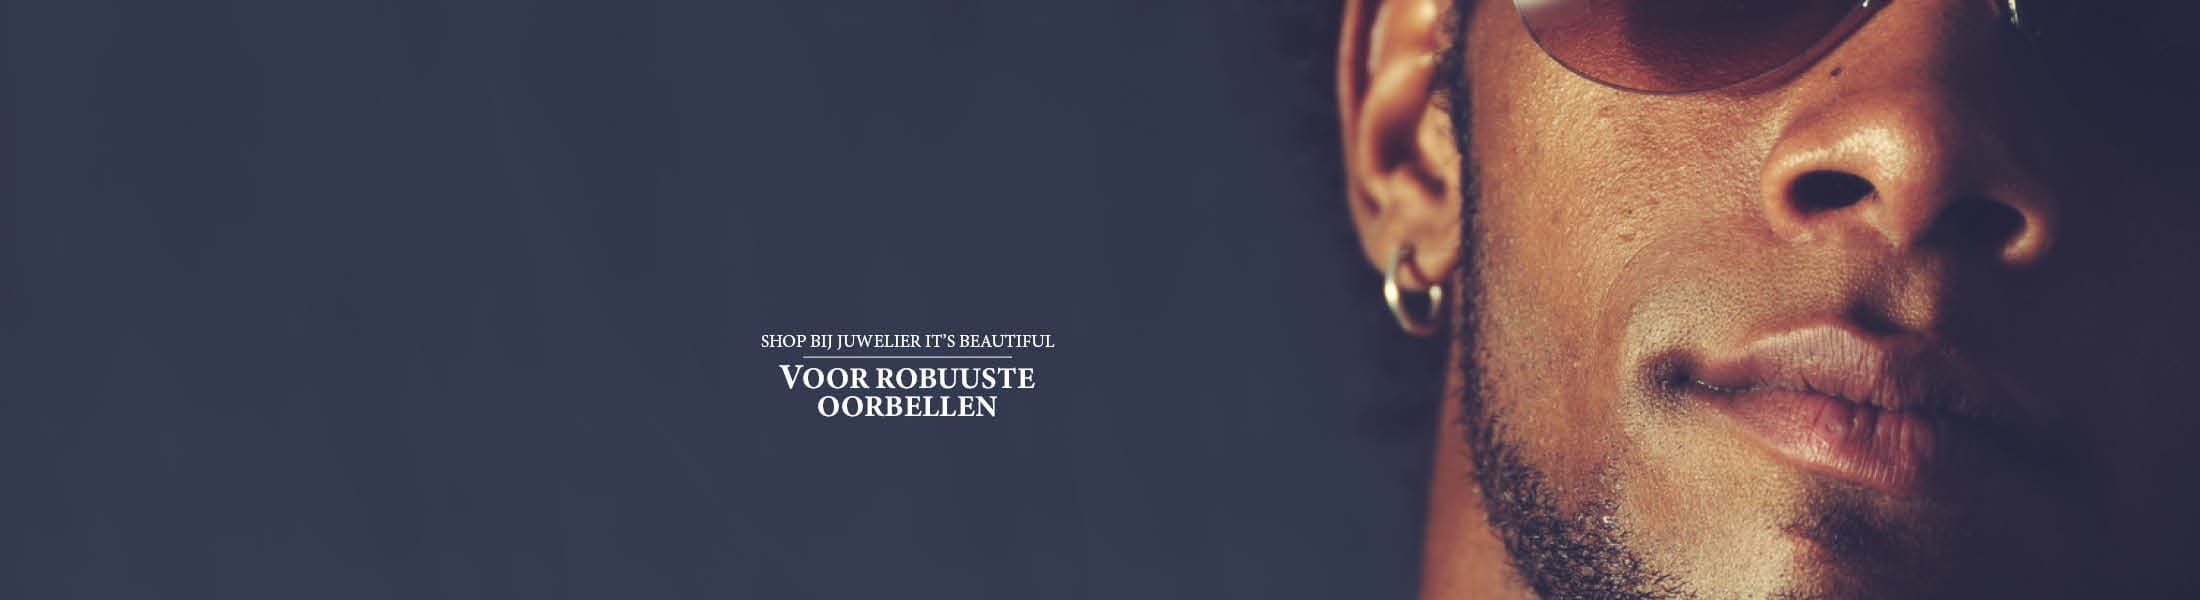 Shop bij juwelier It's Beautiful voor robuuste oorbellen